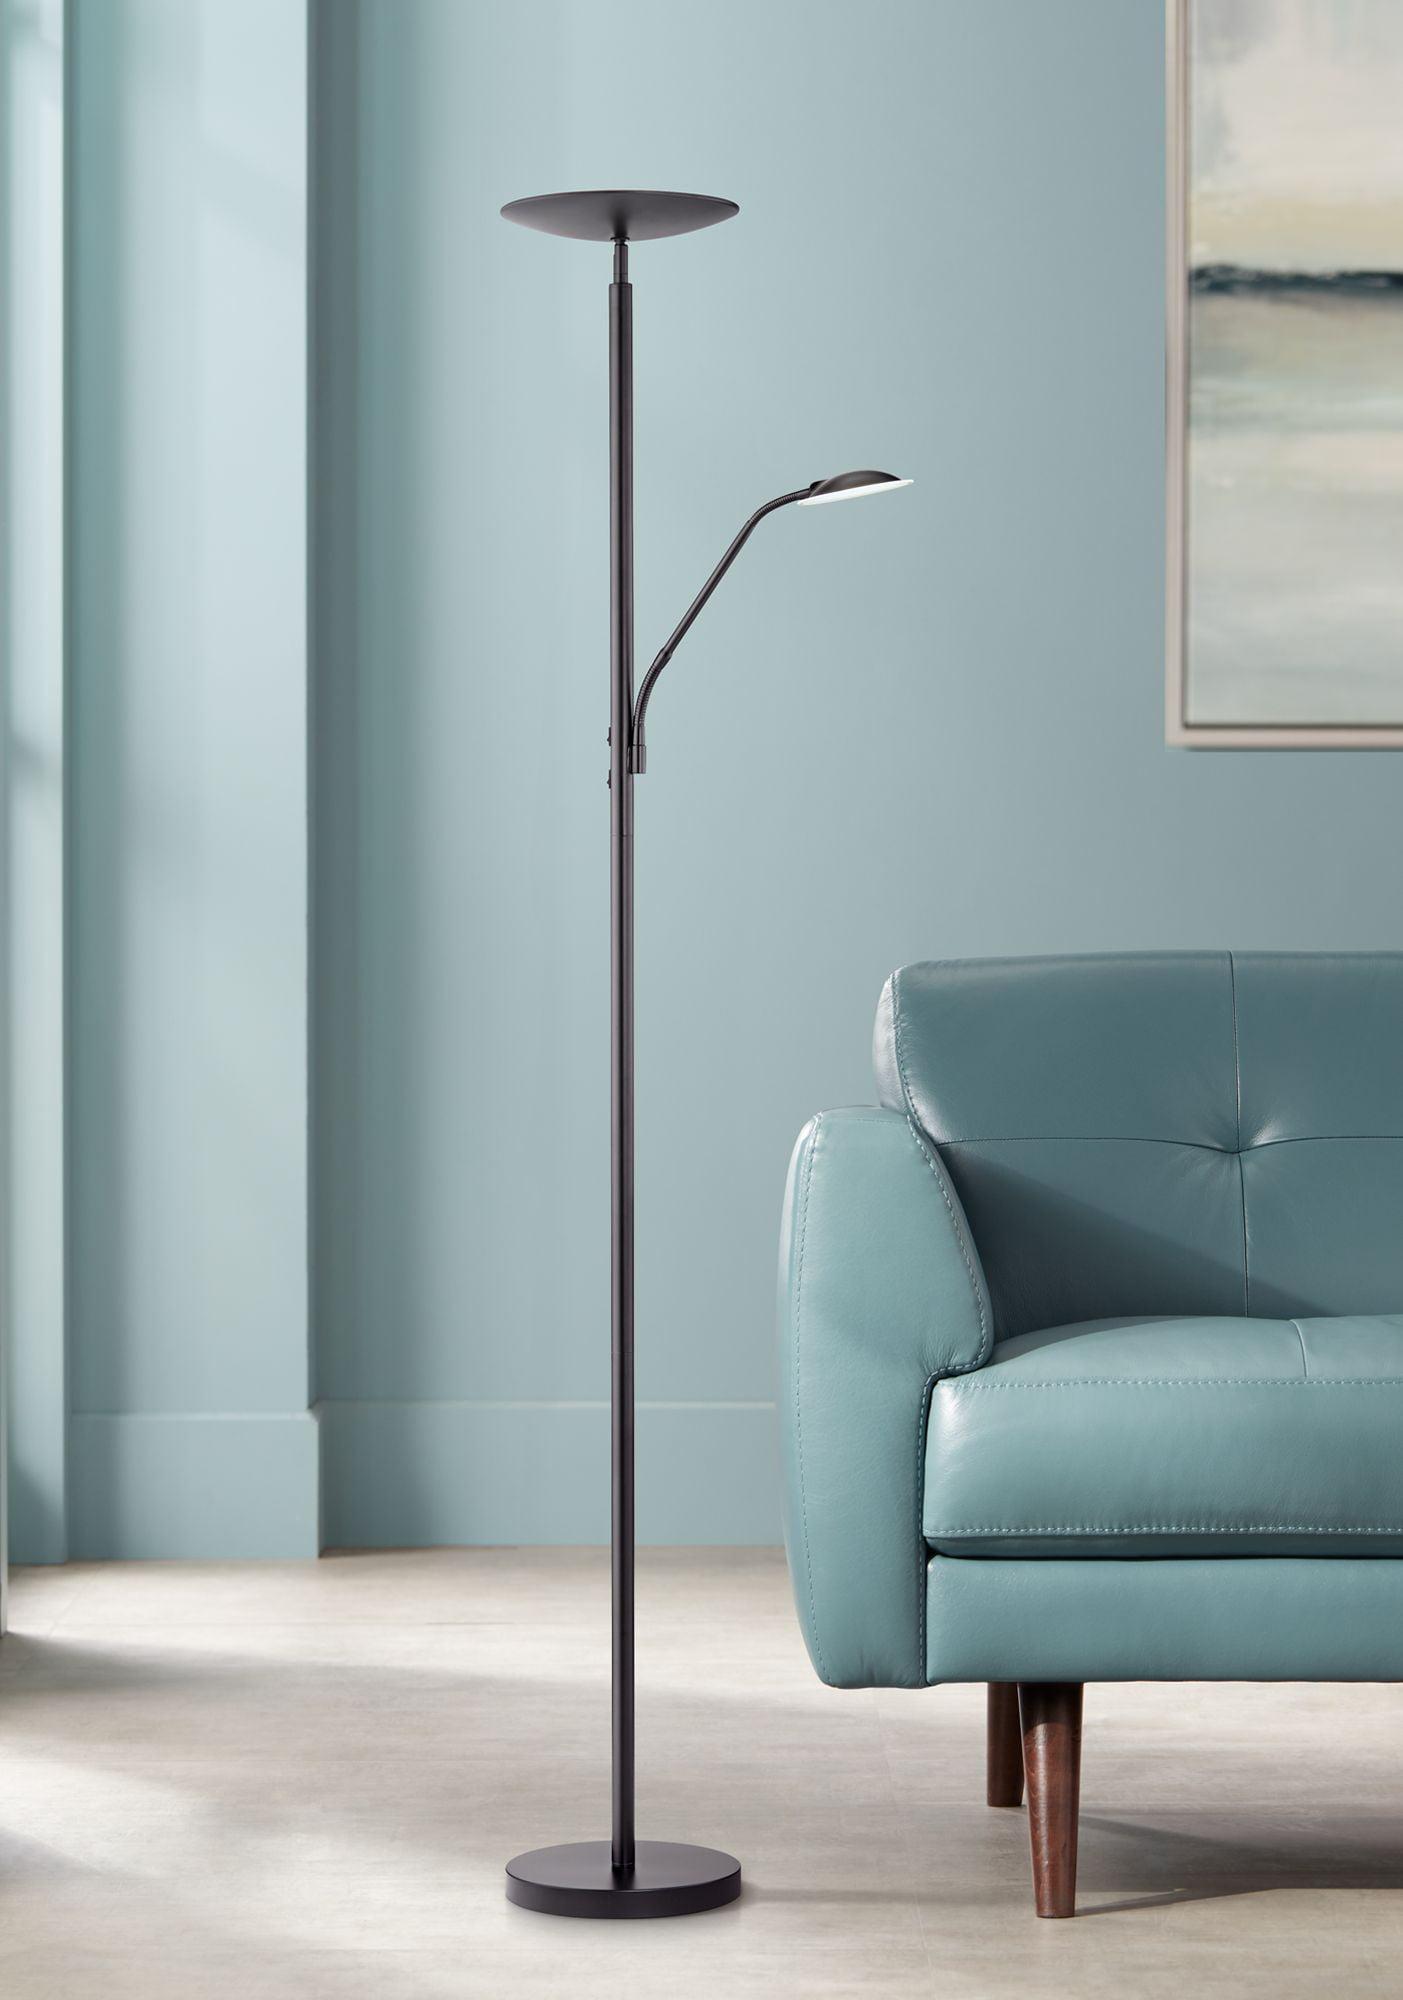 360 Lighting Modern Floor Lamp With Reading Light Led